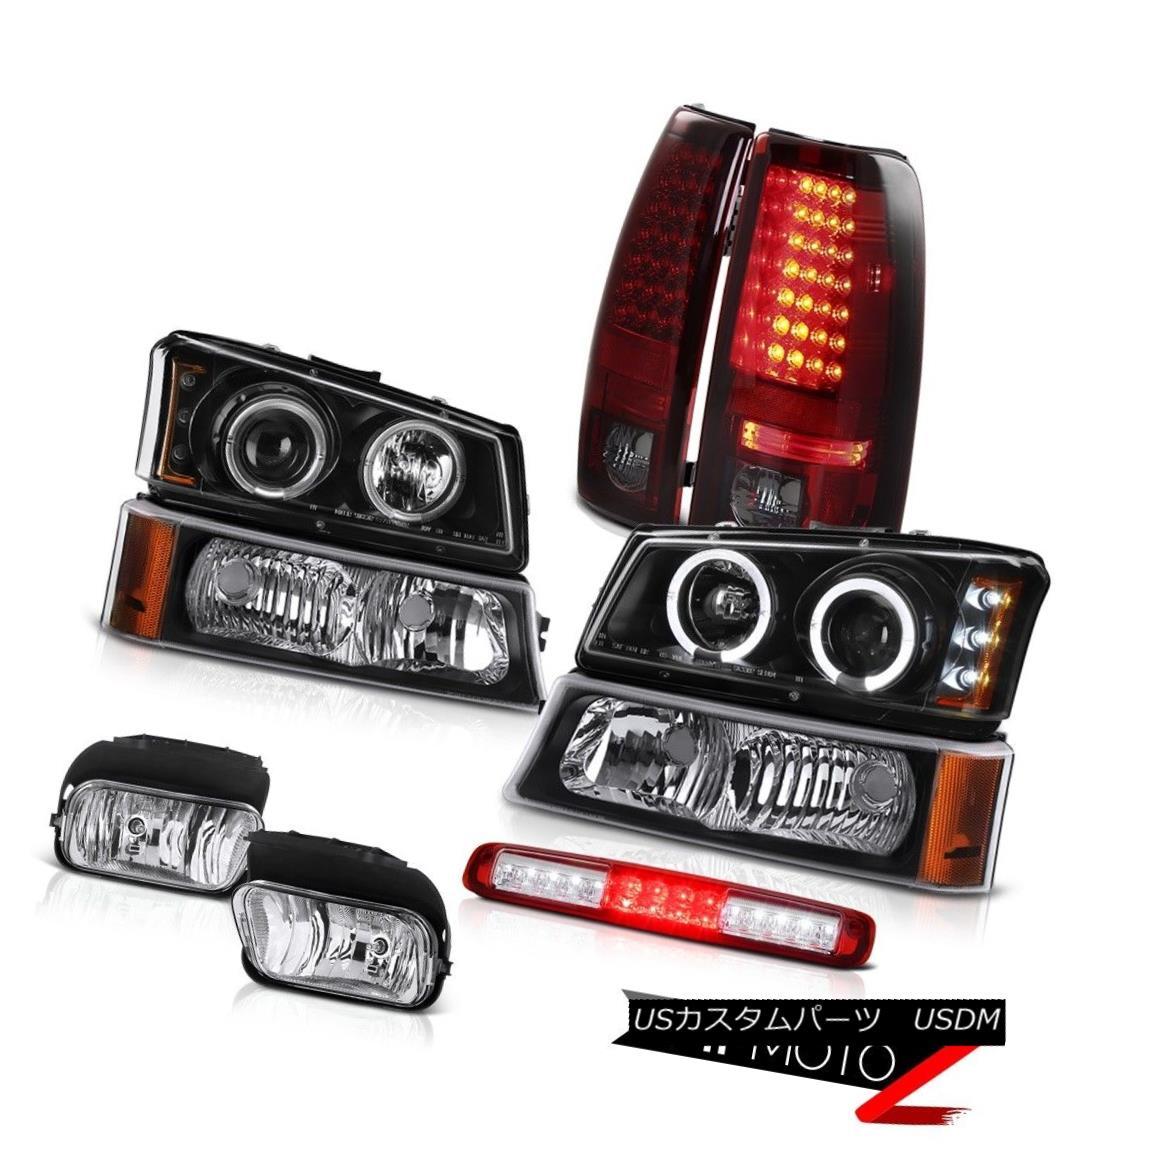 テールライト 03 04 05 06 Chevy Silverado Foglamps Bumper Lamp 3RD Brake Headlamps Rear Lights 03 04 05 06 Chevy Silveradoフォグランプバンパーランプ3RDブレーキヘッドランプリアライト